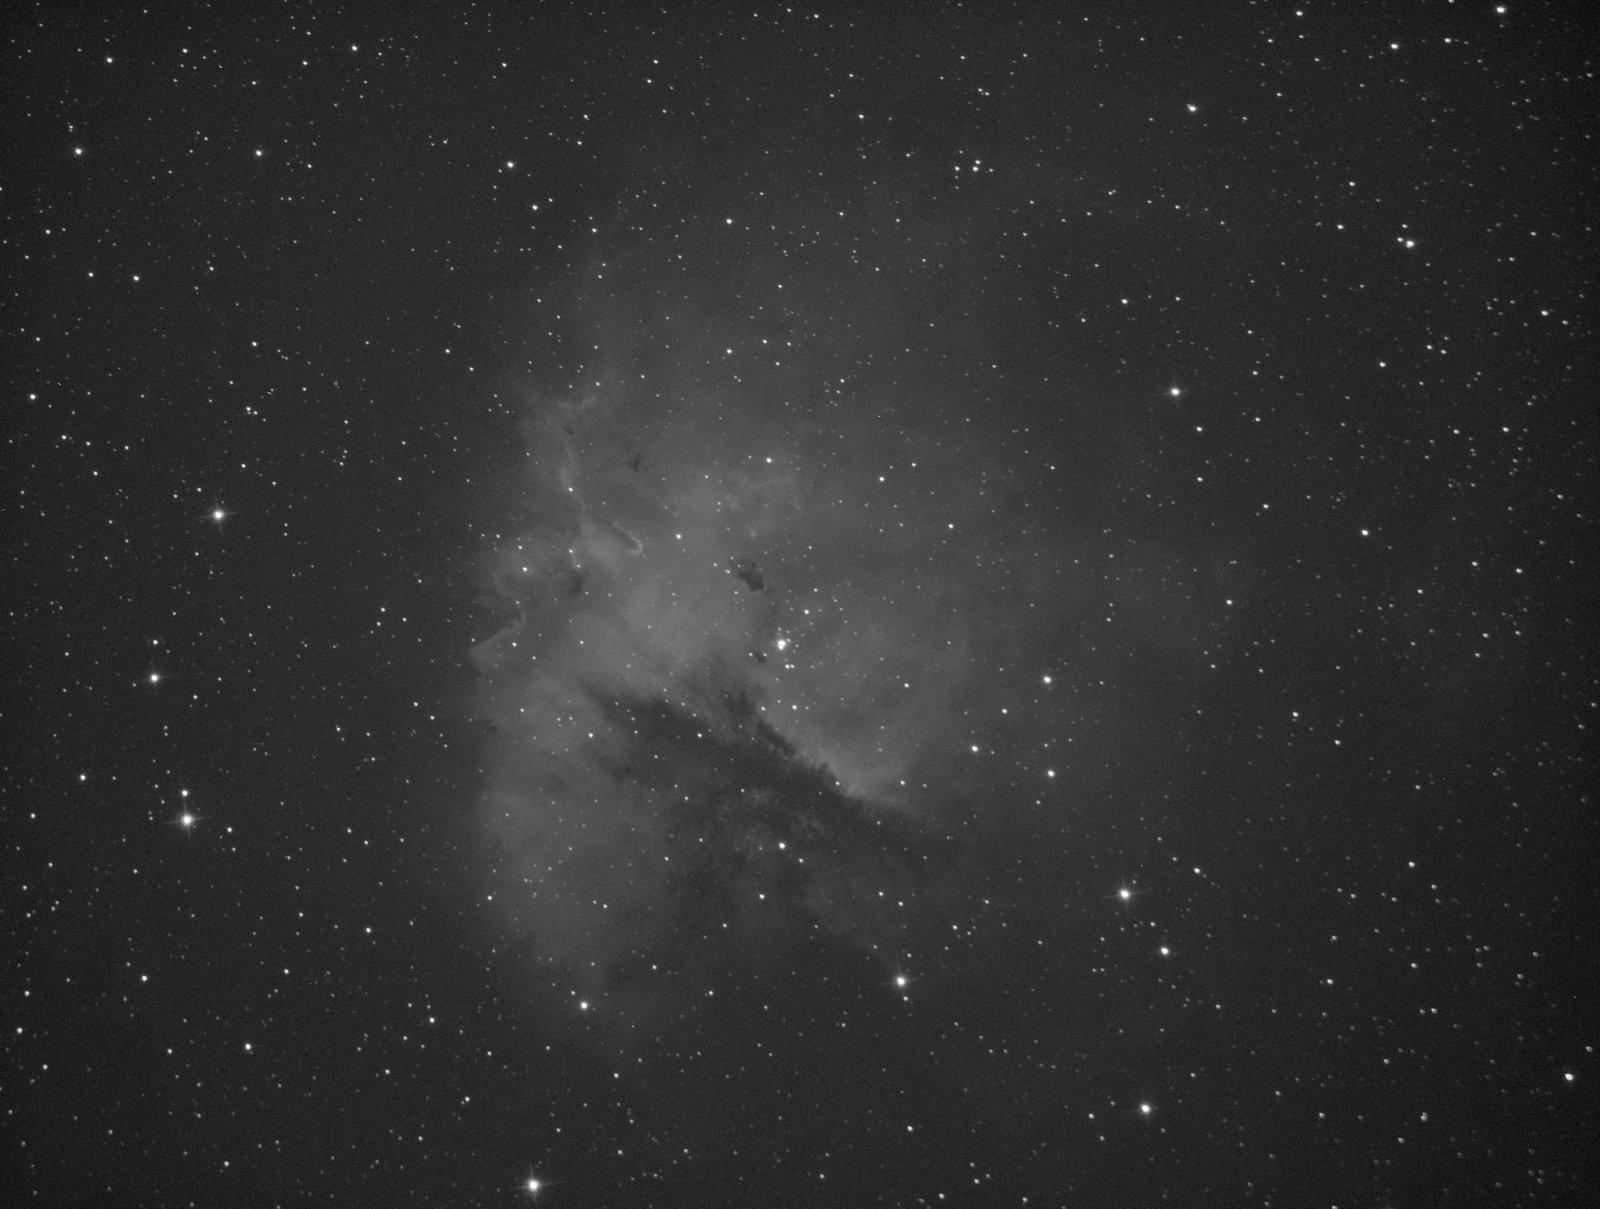 NGC286.thumb.jpg.b073a635d2d5cf195ca201880bc6942b.jpg